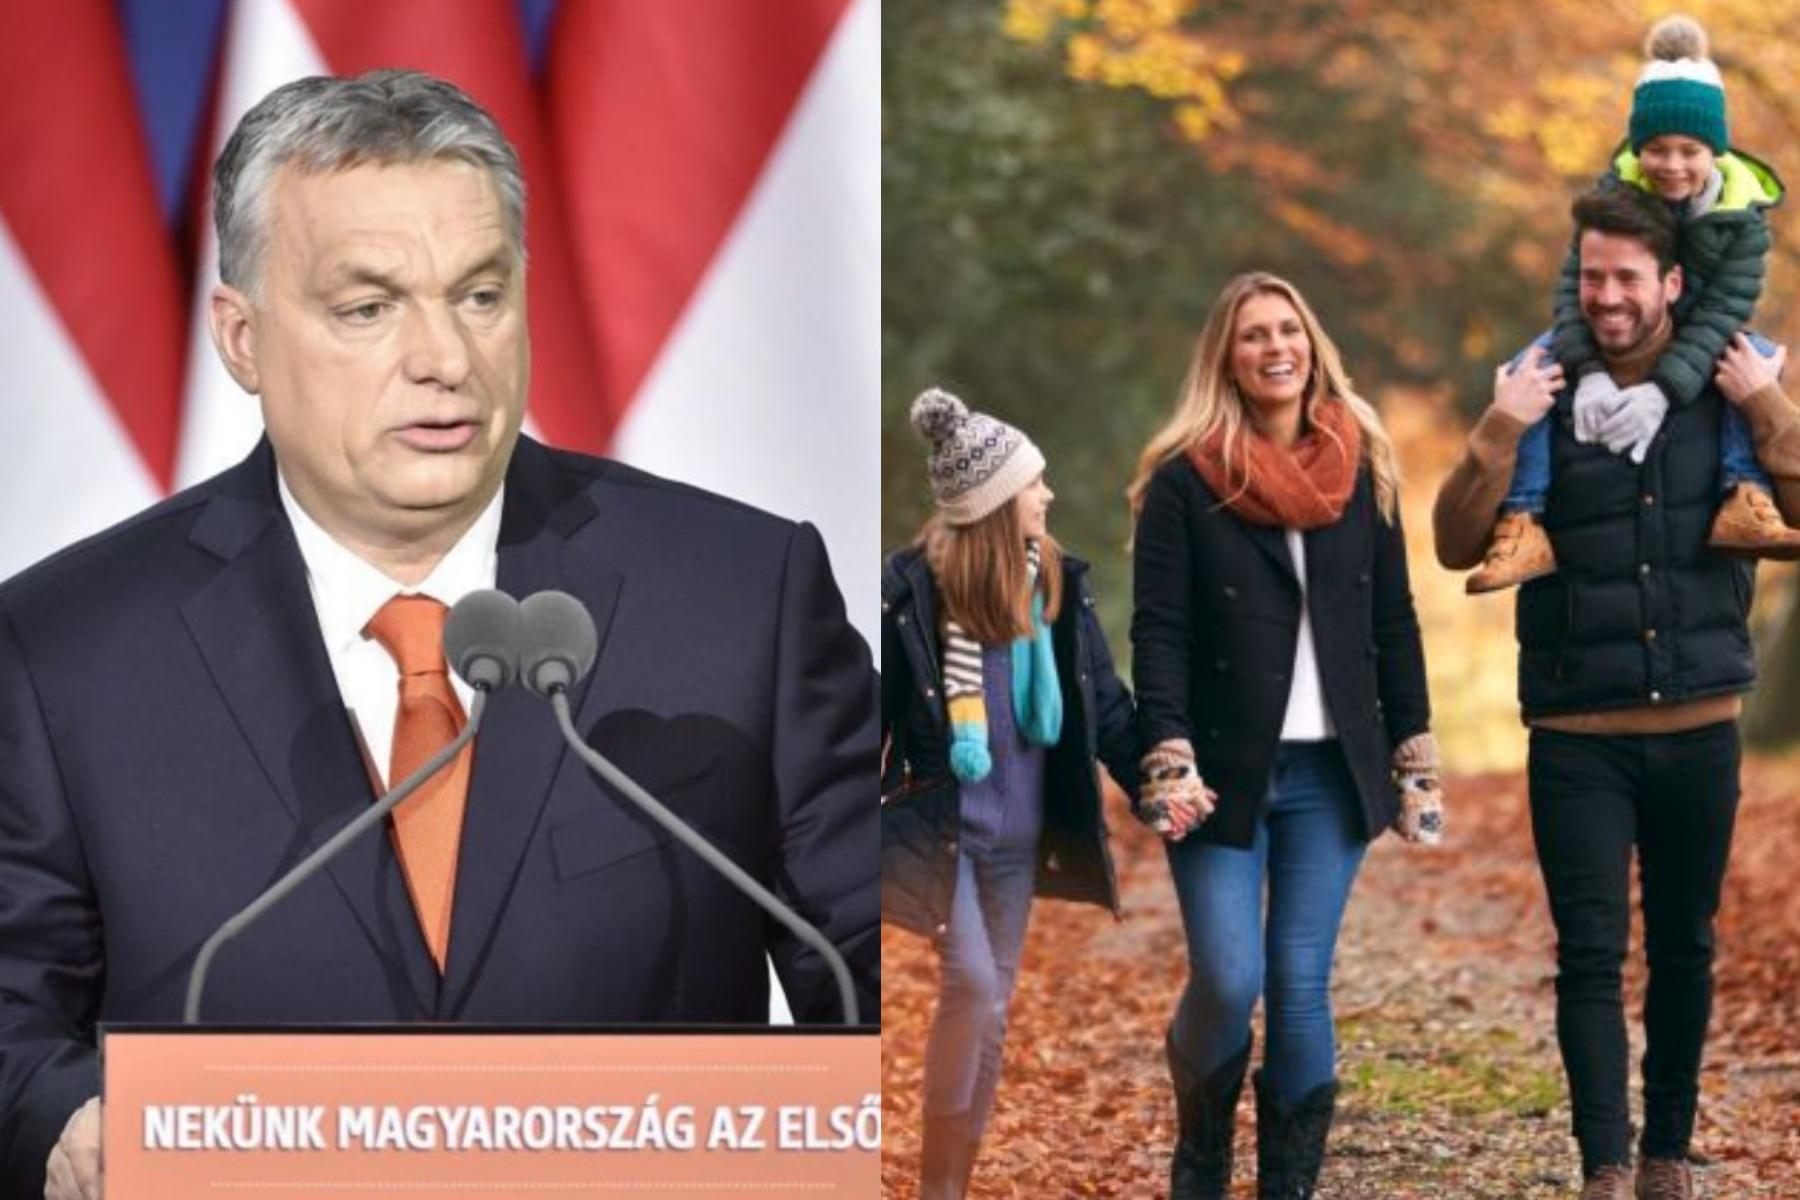 Mađarski parlament Ustavom zaštitio obitelj i brak te definirao spol kao 'određen kod rođenja'Mađarski parlament Ustavom zaštitio obitelj i brak te definirao spol kao 'određen kod rođenja'